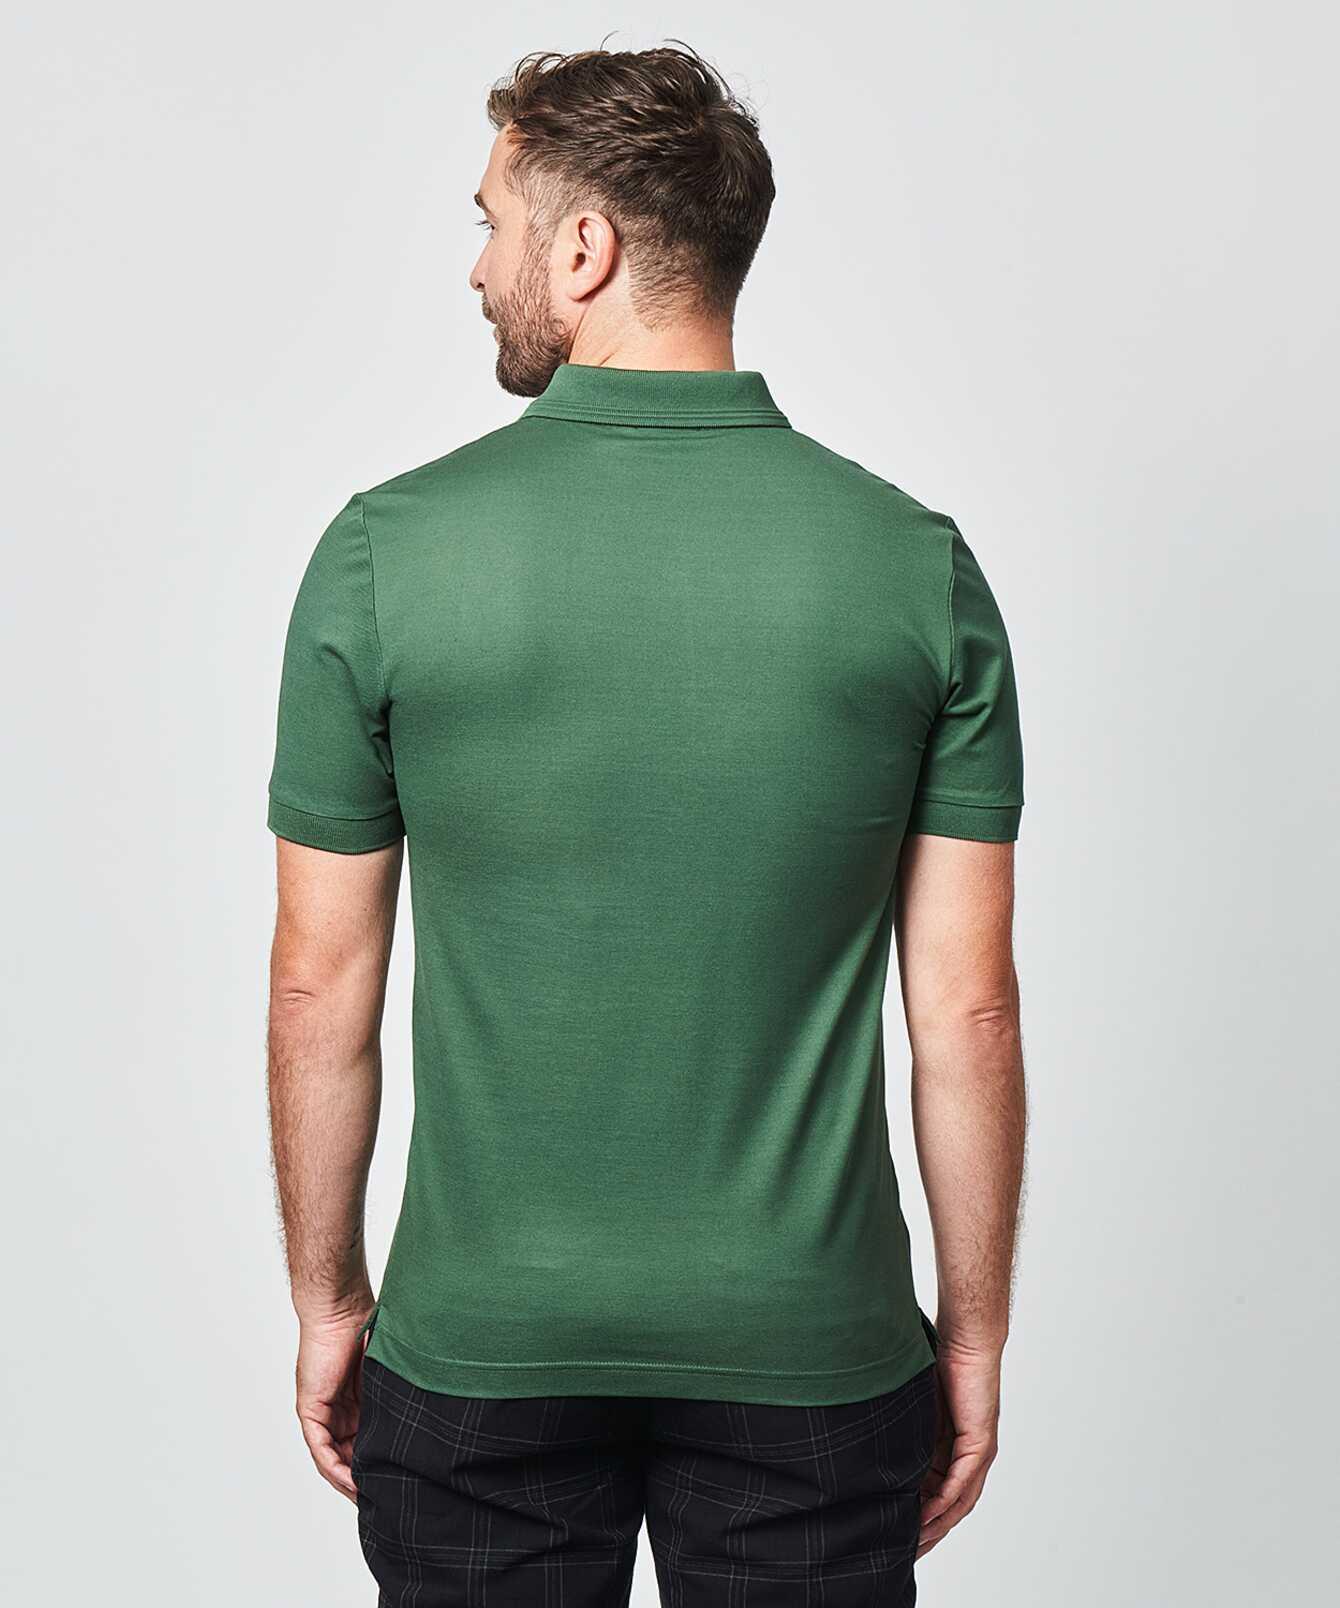 Shirt Mercerized polo shirt green The Shirt Factory